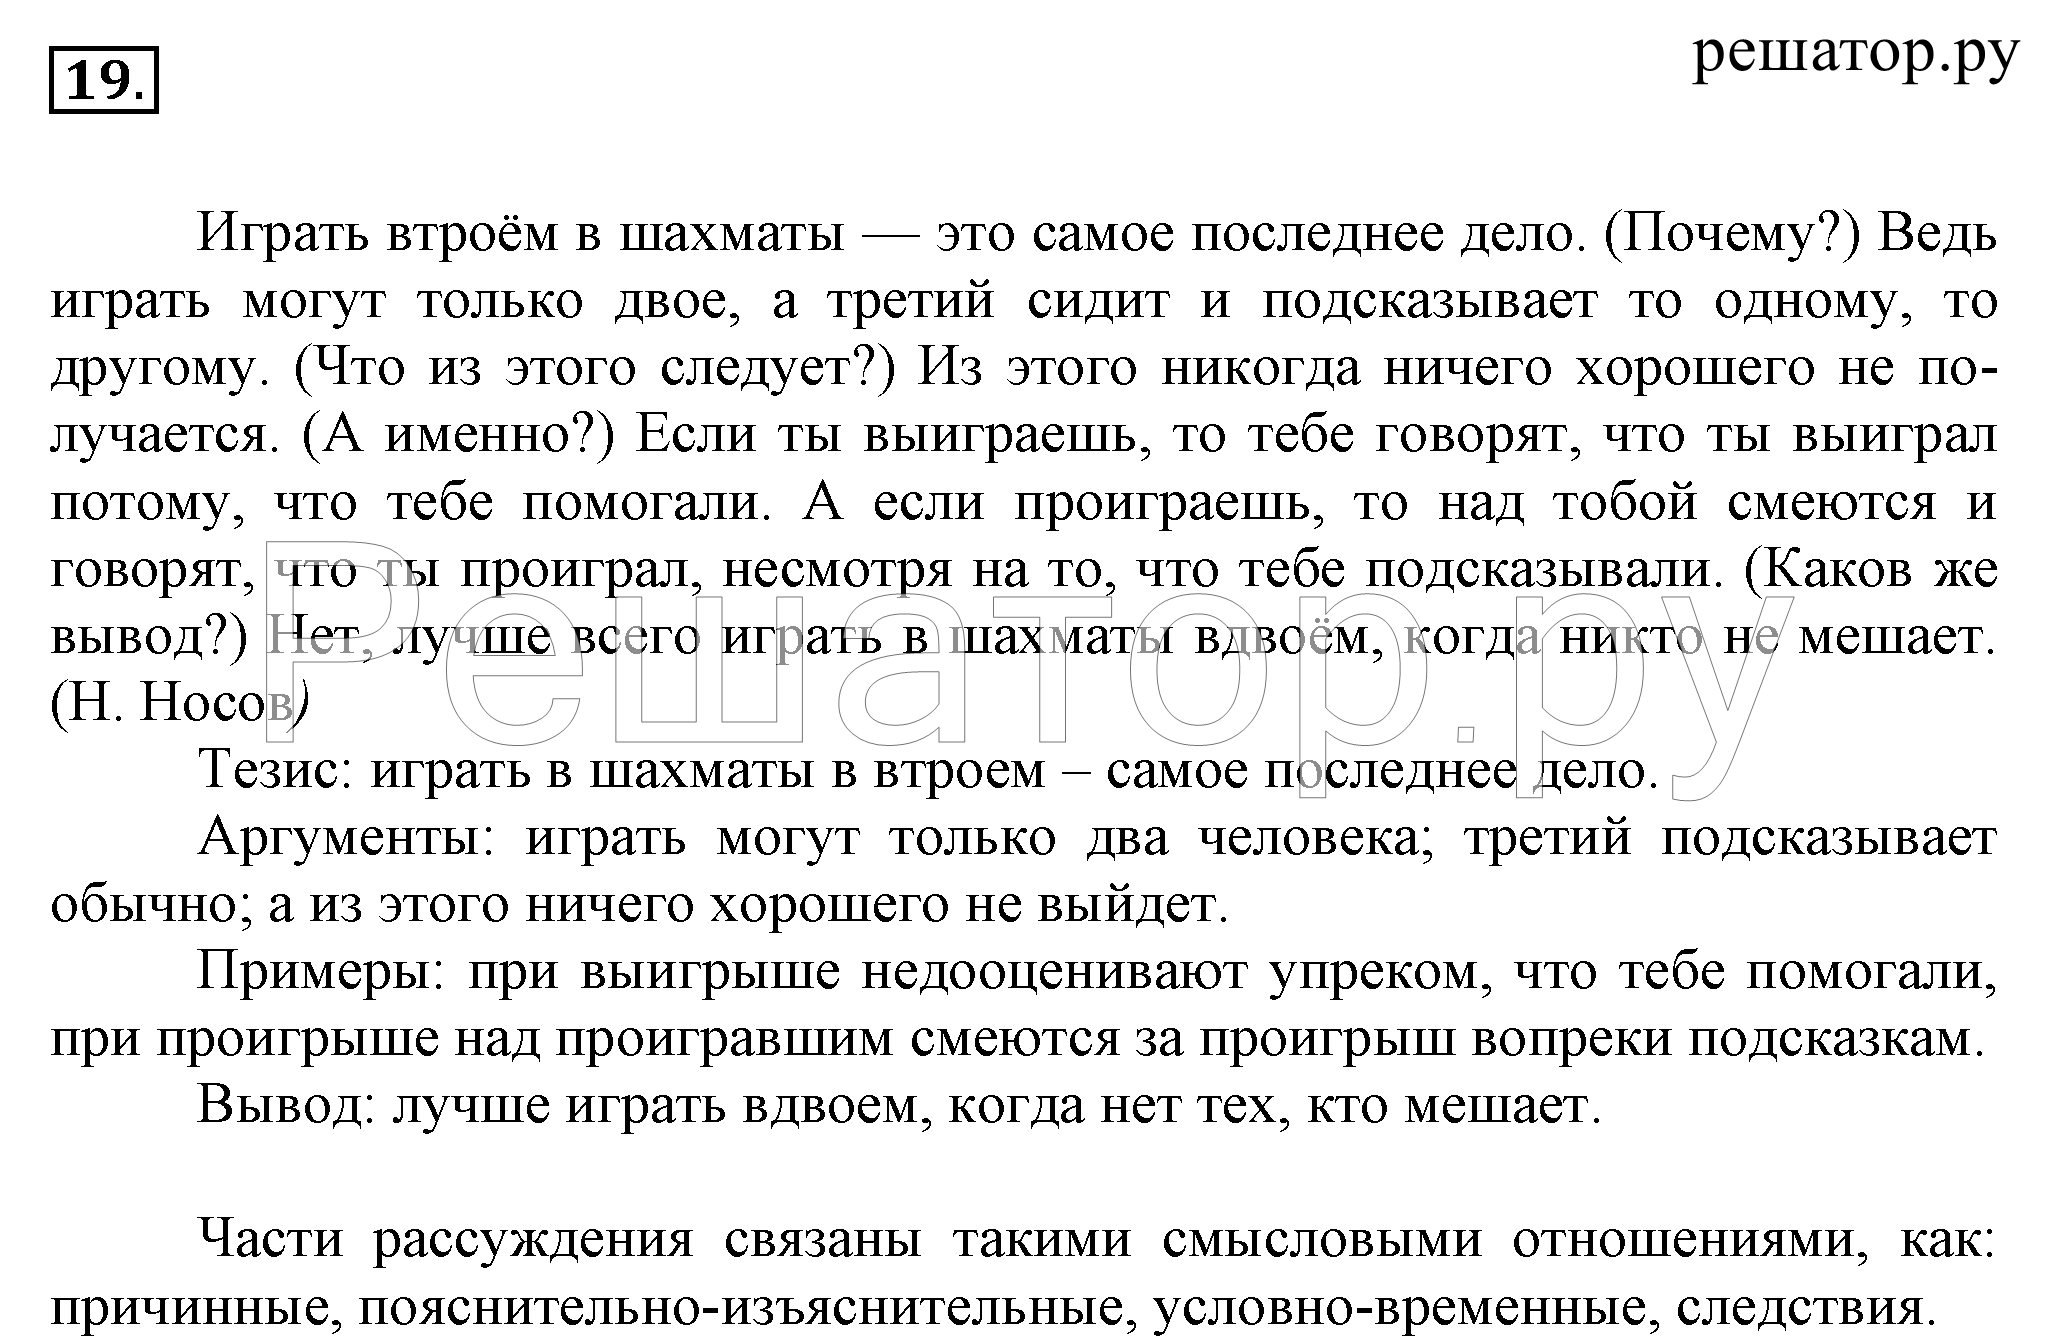 Домашние задания по русскому языку 7 класс разумовская 2018 год